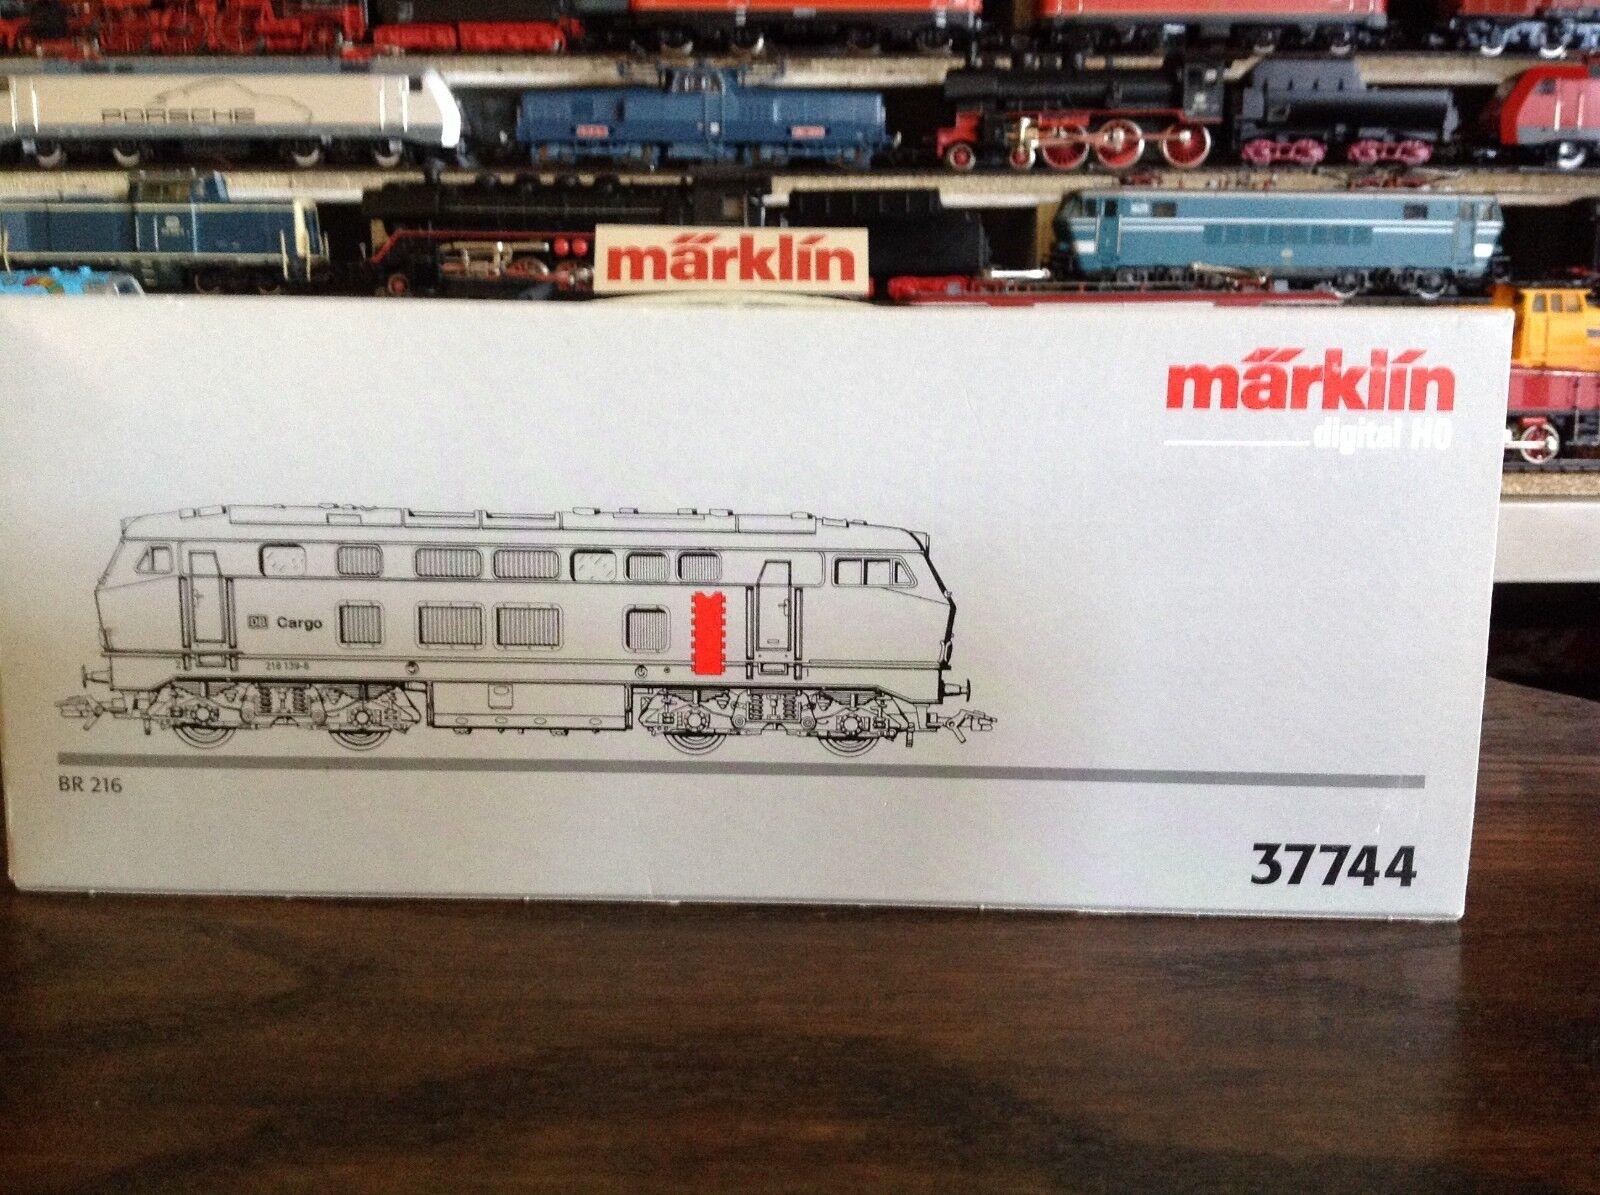 Marklin HO 37744 Diesel Red Cargo Diesel Loco BR 216 Excellent